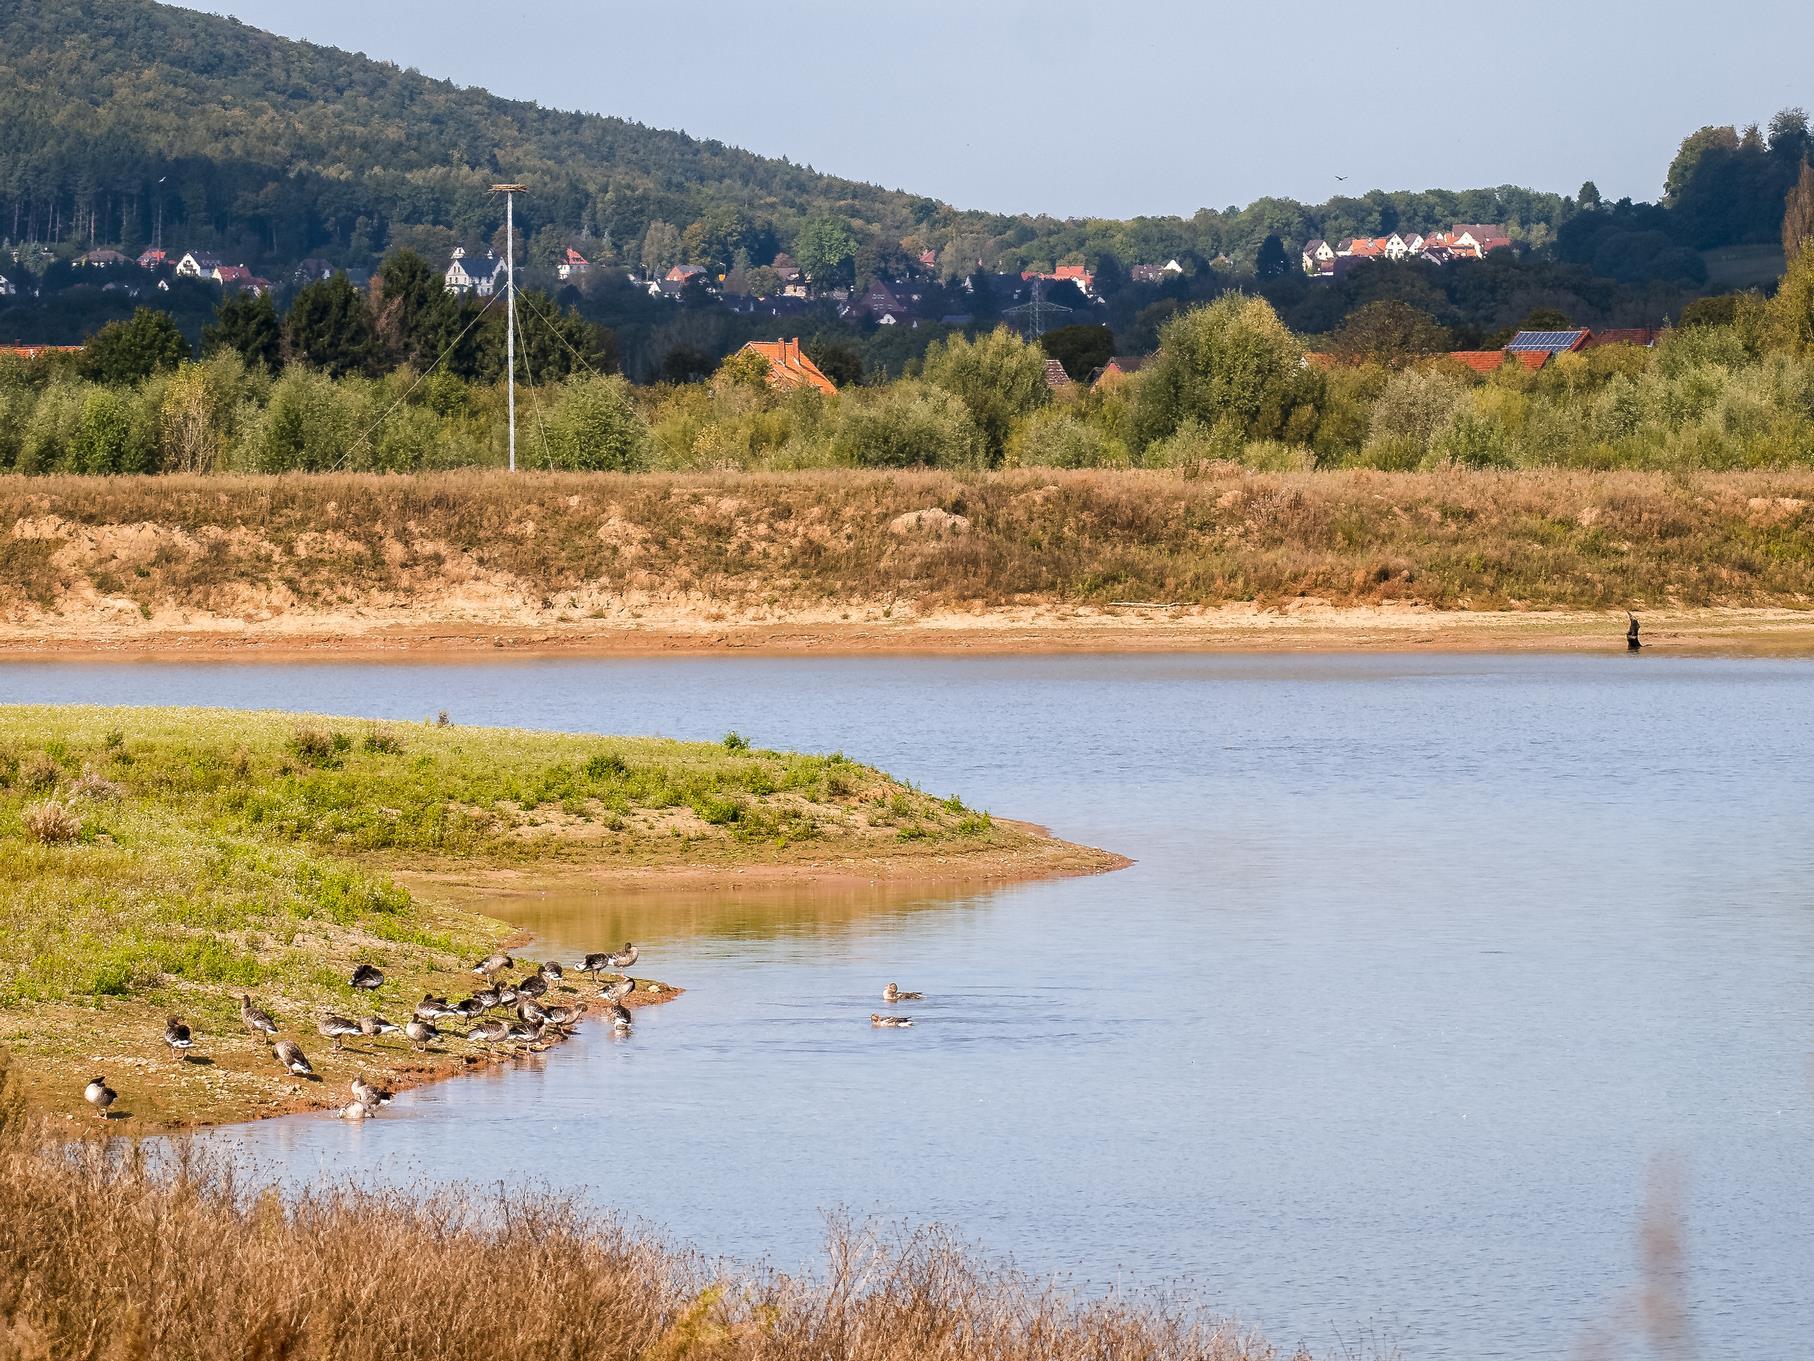 Blick auf die flache Insel und die Vogelinsel im westlichen Teich.